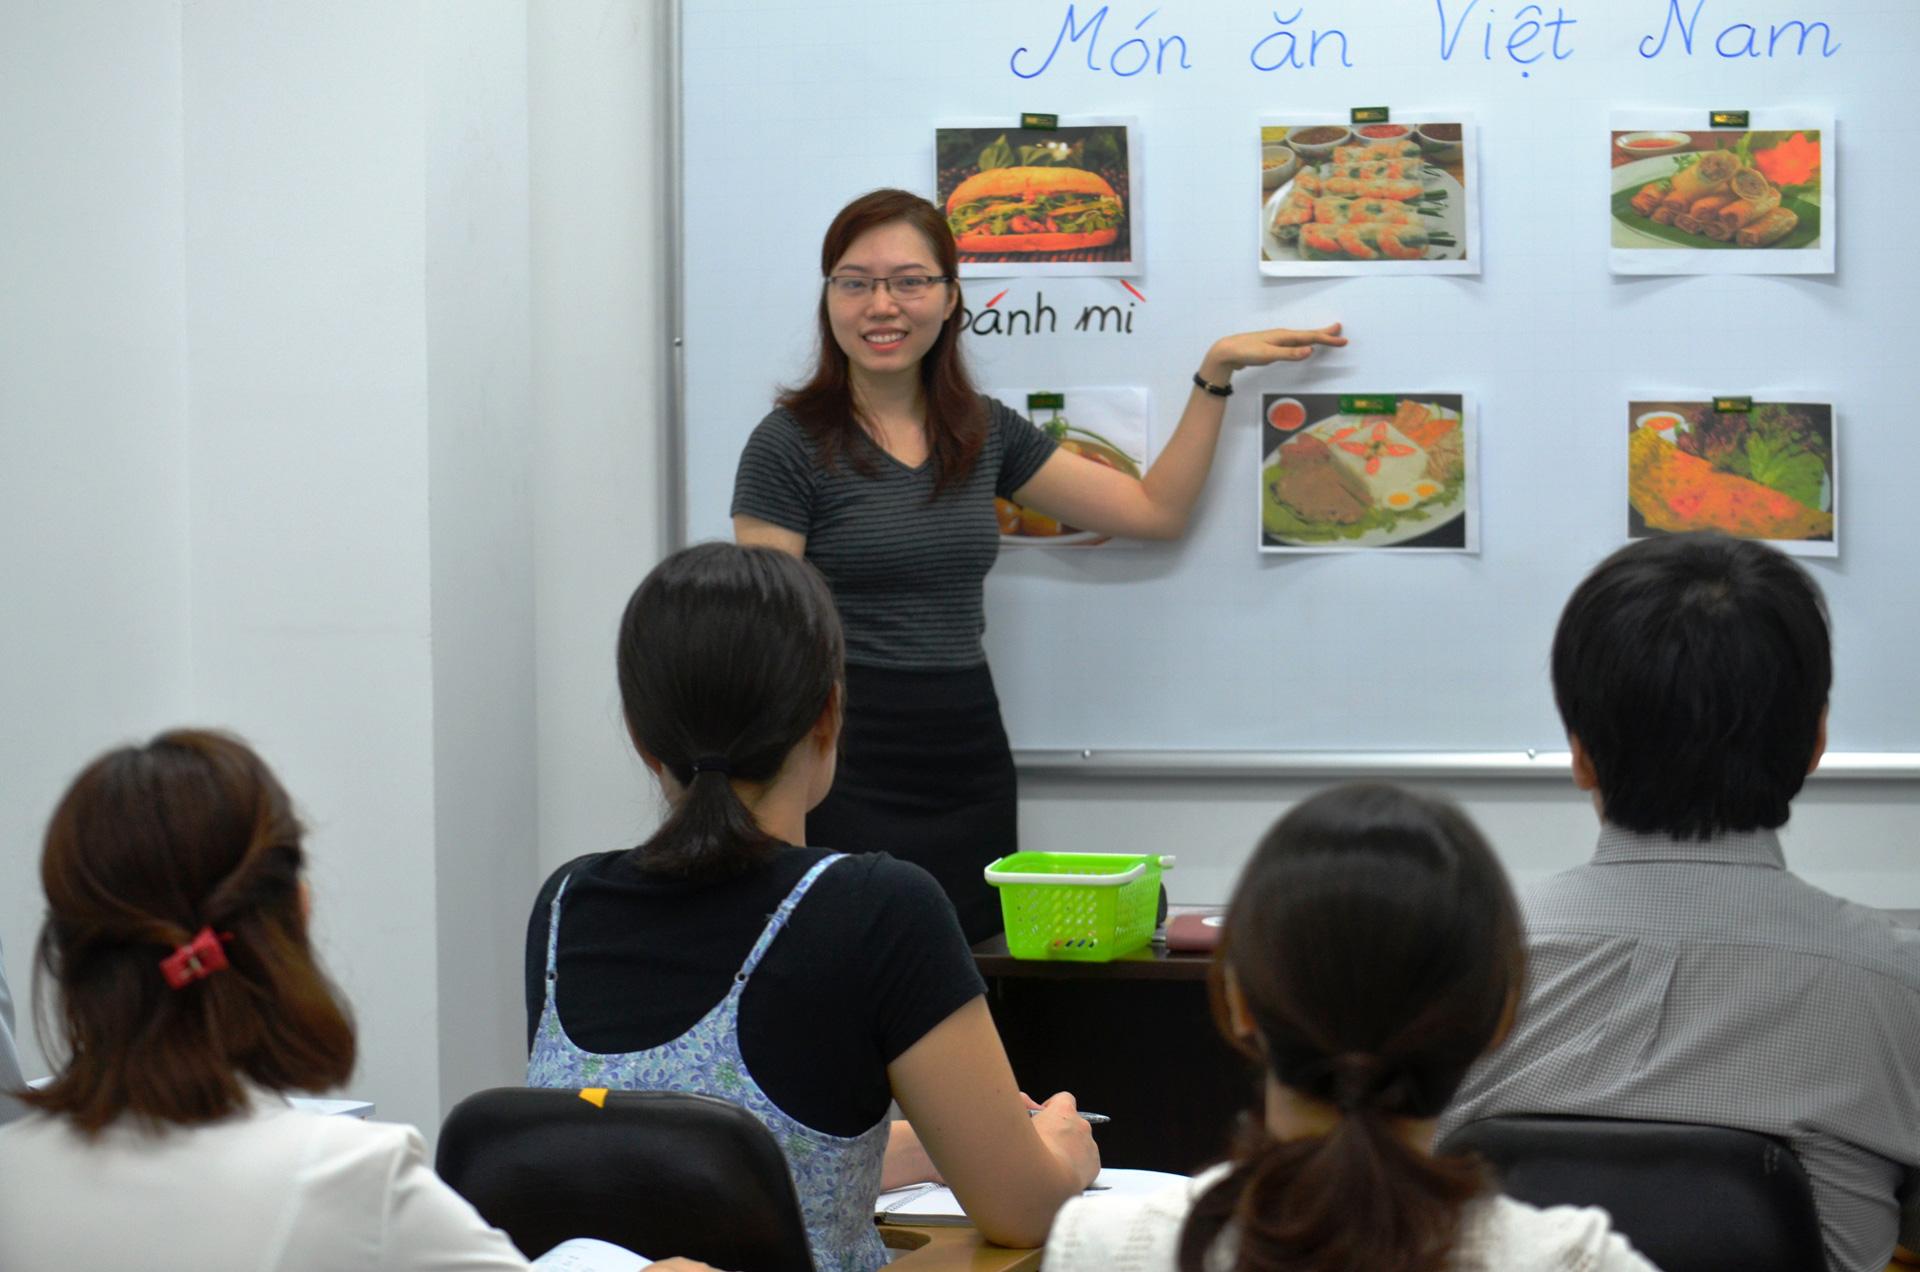 Quá trình dạy tiếng Anh của giáo viên người Việt cũng có những thuận lợi và khó khăn riêng